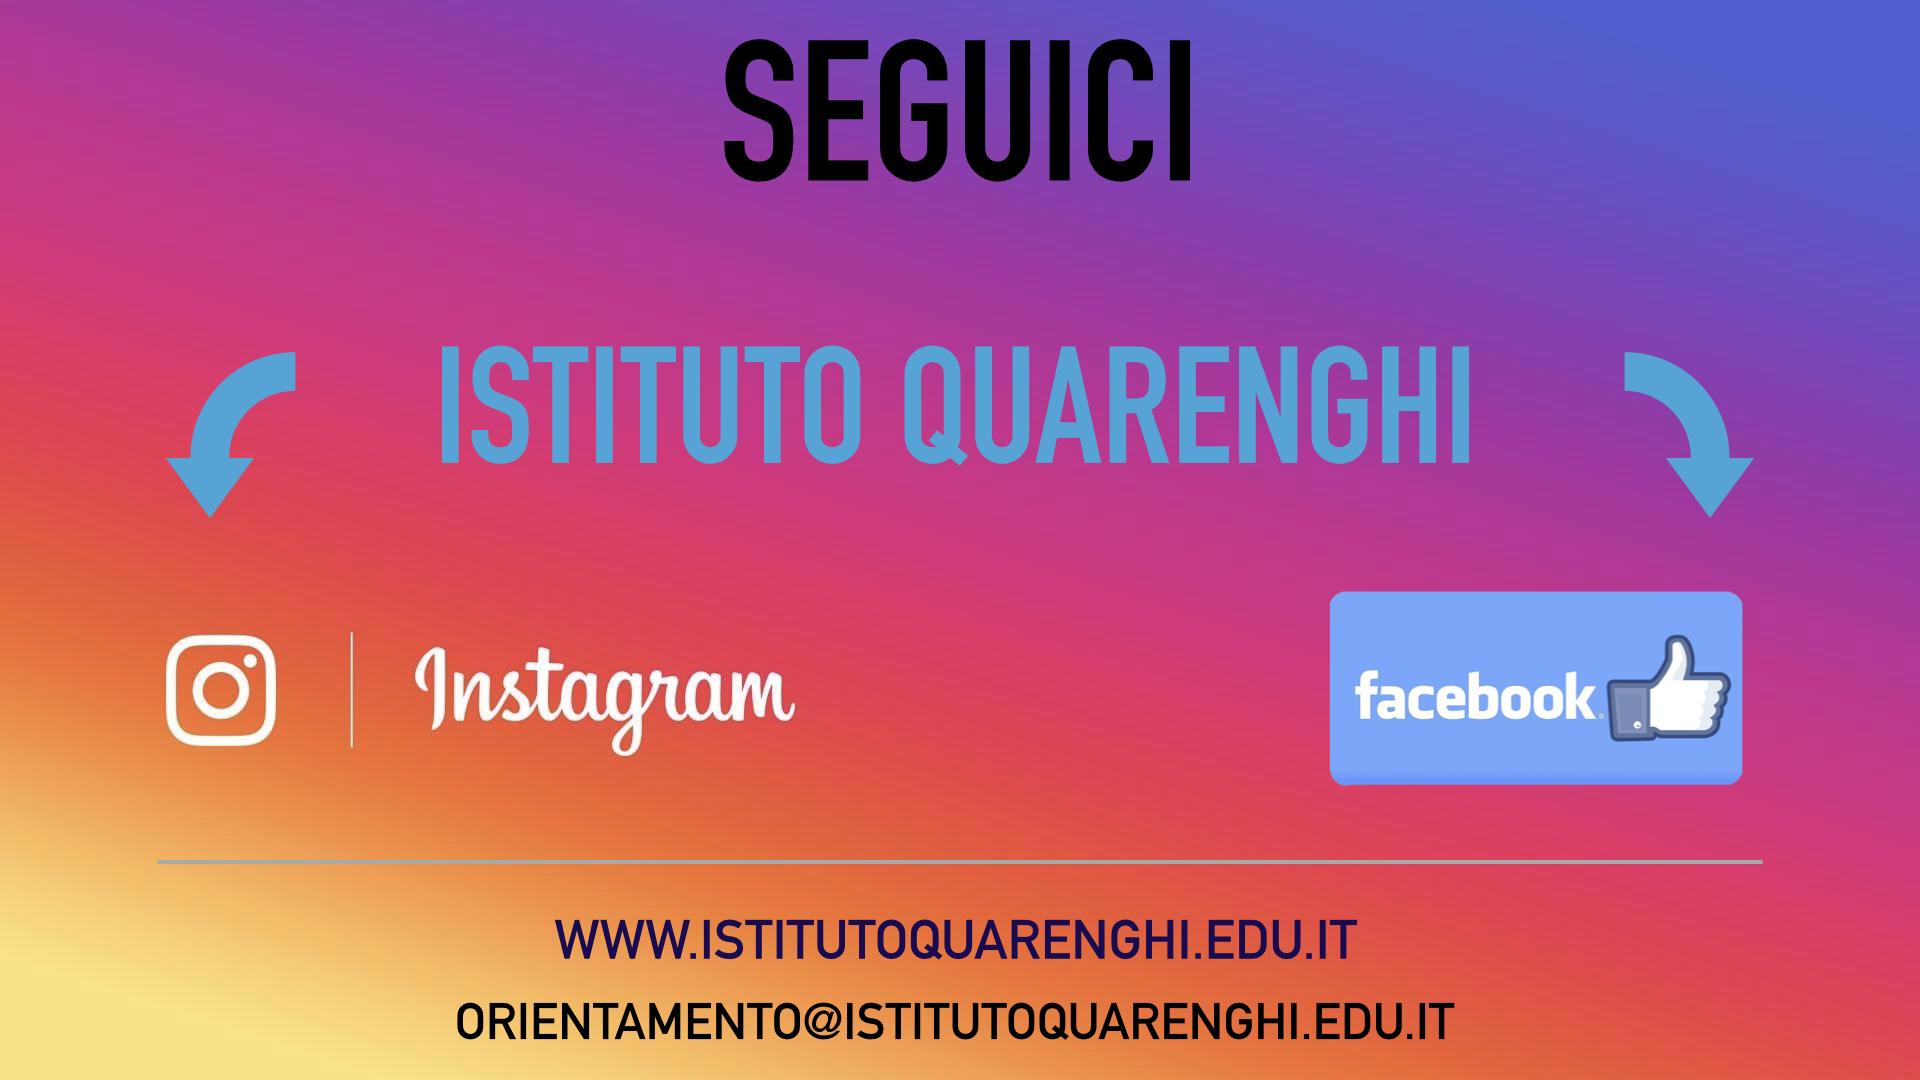 Seguici - Istituto Quarenghi